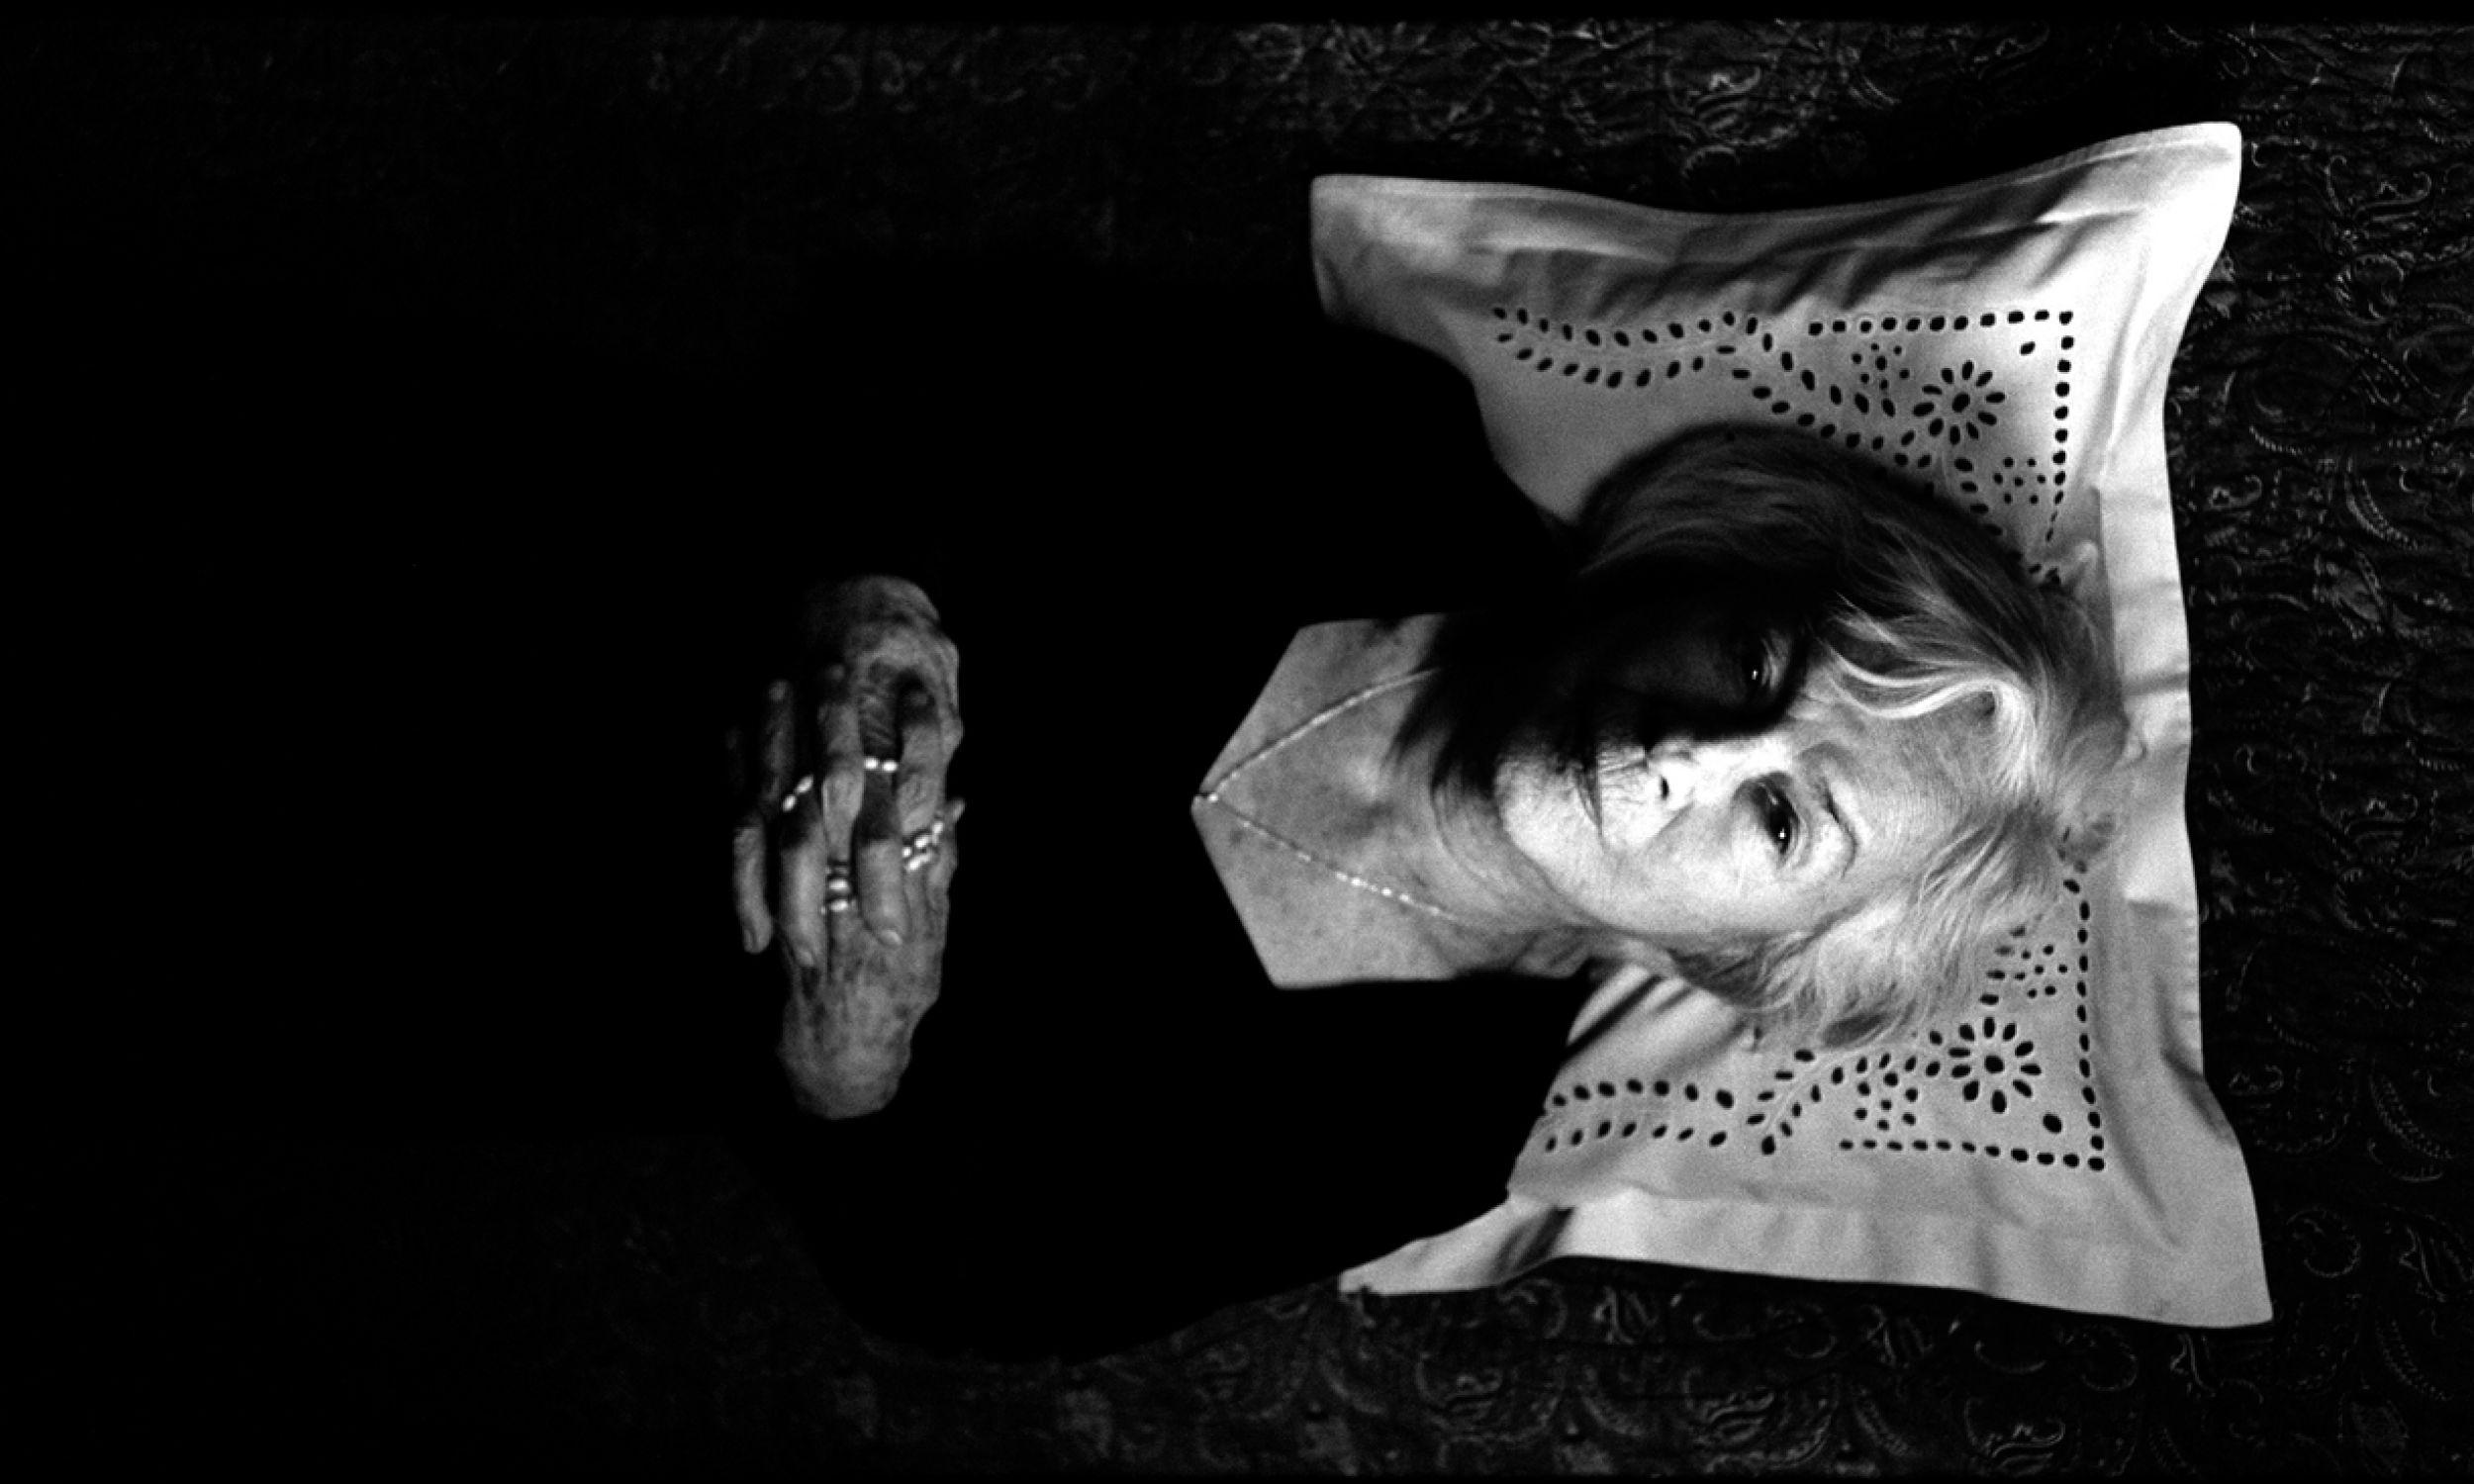 """Danusia mi opowiadała, że bardzo ją bawiła scena umierania w filmie """"Pora umierać"""" (Dorota Kędzierzawska, 2007), kiedy musiała się położyć na leżance z różańcem w ręku. Wtedy dochodziła do niej refleksja, że to nie jest pora, by umierać i zrywała się z łóżka. I tą scenę nakręcali kilka razy, bowiem nie mogła się w nią wczuć – wspomina jej sądecka przyjaciółka Barbara Paluchowa. Fot. TVP, Remigiusz Przełożny Film"""